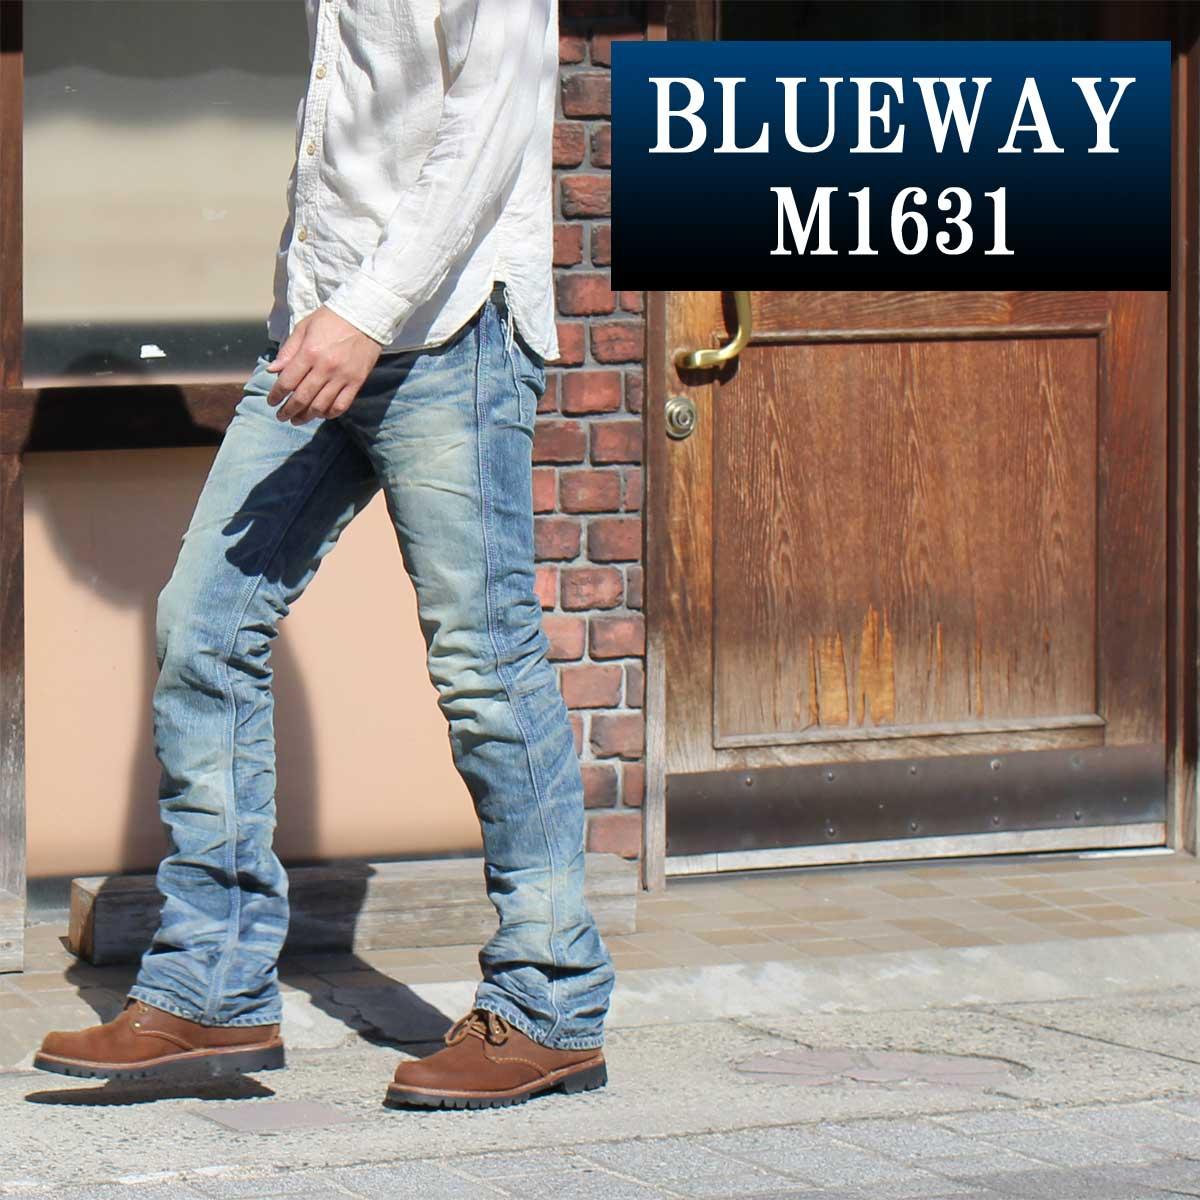 ブーツカットジーンズ;BLUEWAY:ビンテージデニム・エンジニア フレアカットジーンズ(シェーバーフェード):M1631-5705 ブルーウェイ ジーンズ メンズ デニム ジーパン 裾上げ